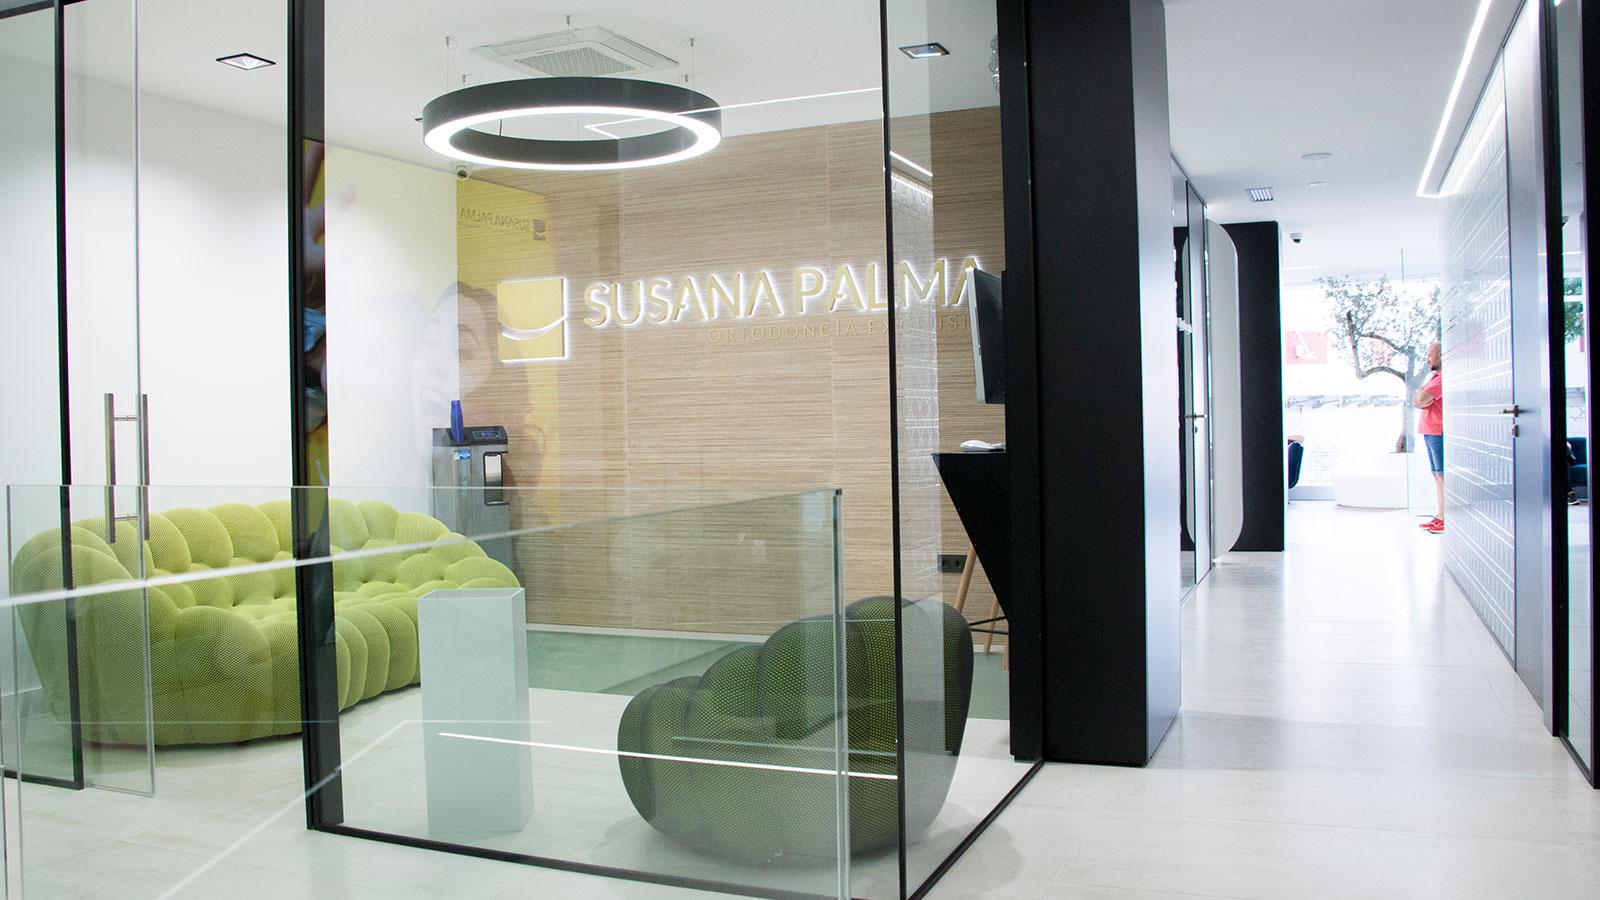 Clínica Susana Palma 04